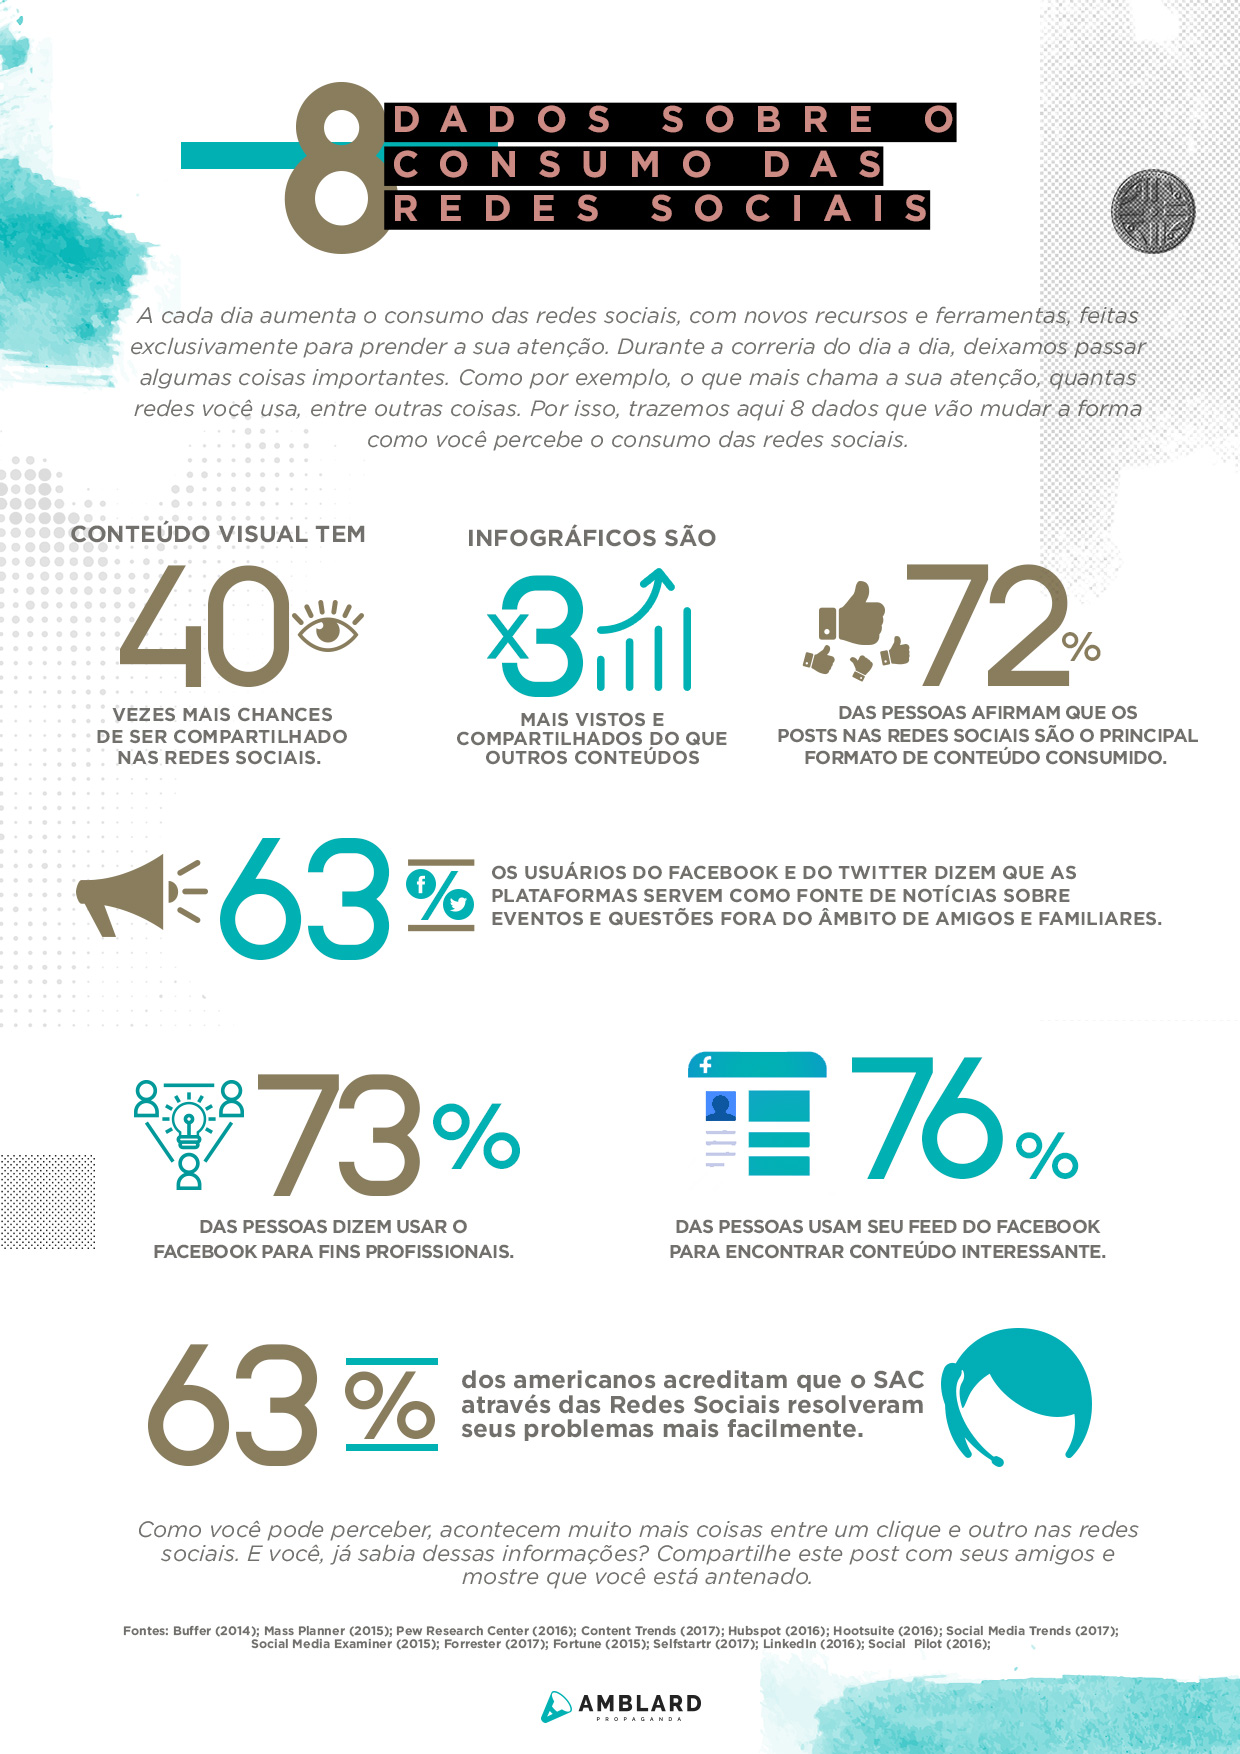 Na imagem, um infográfico com 8 dados sobre o consumo das redes sociais